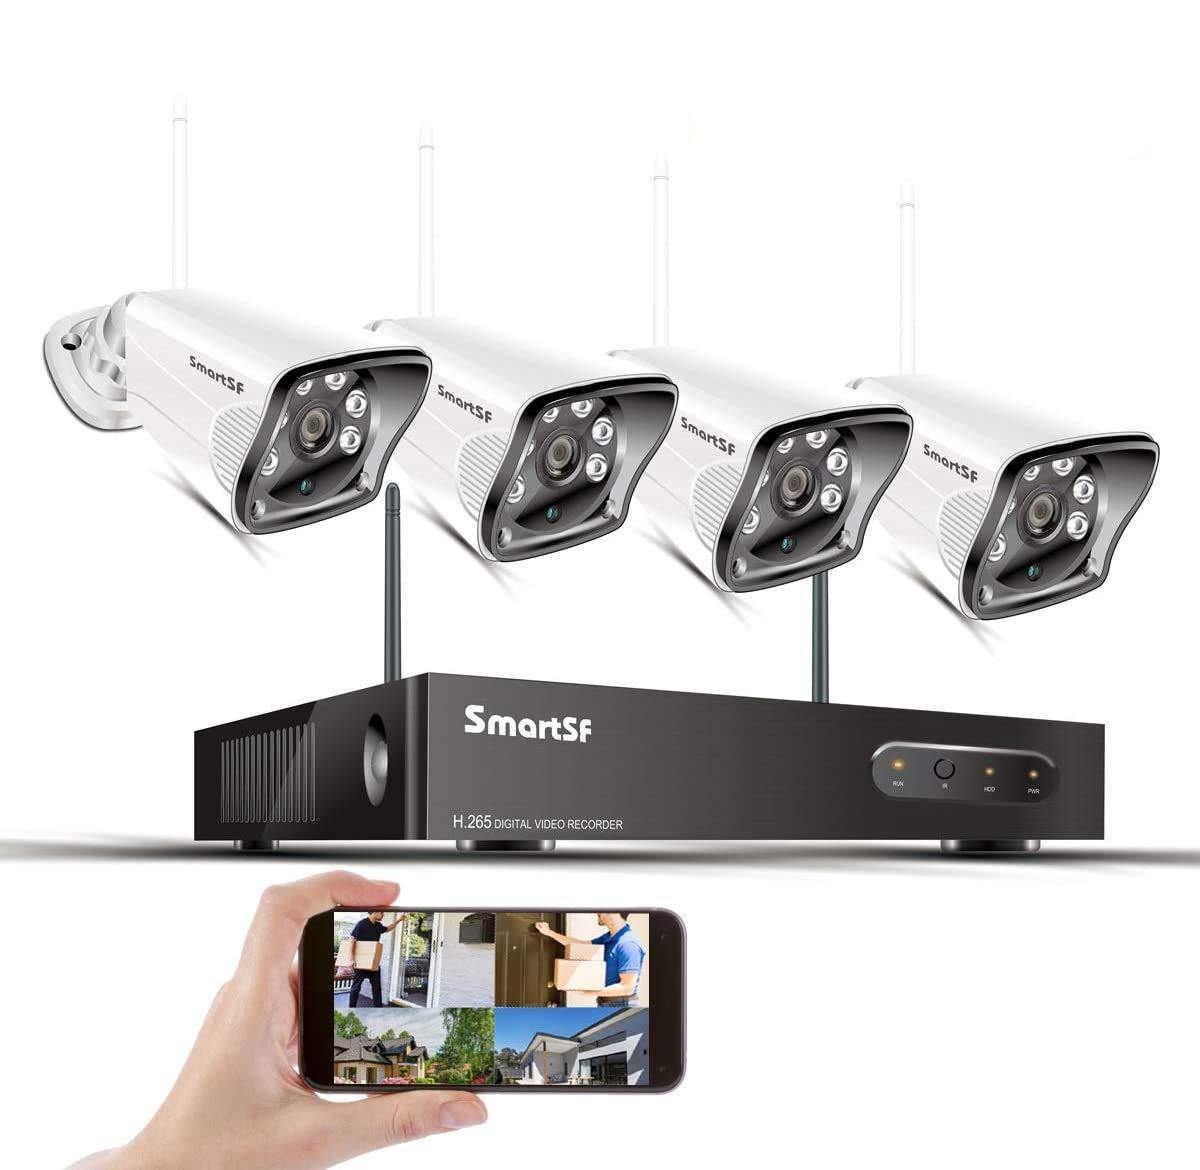 Kit de WiFi Sistema de cámaras de Seguridad 8CH 1080P NVR H.265 y 4 1080P Cámara IP de Bala Resistente a la Intemperie, visión Nocturna con Corte IR, Acceso Remoto Gratuito y detección de Movimiento